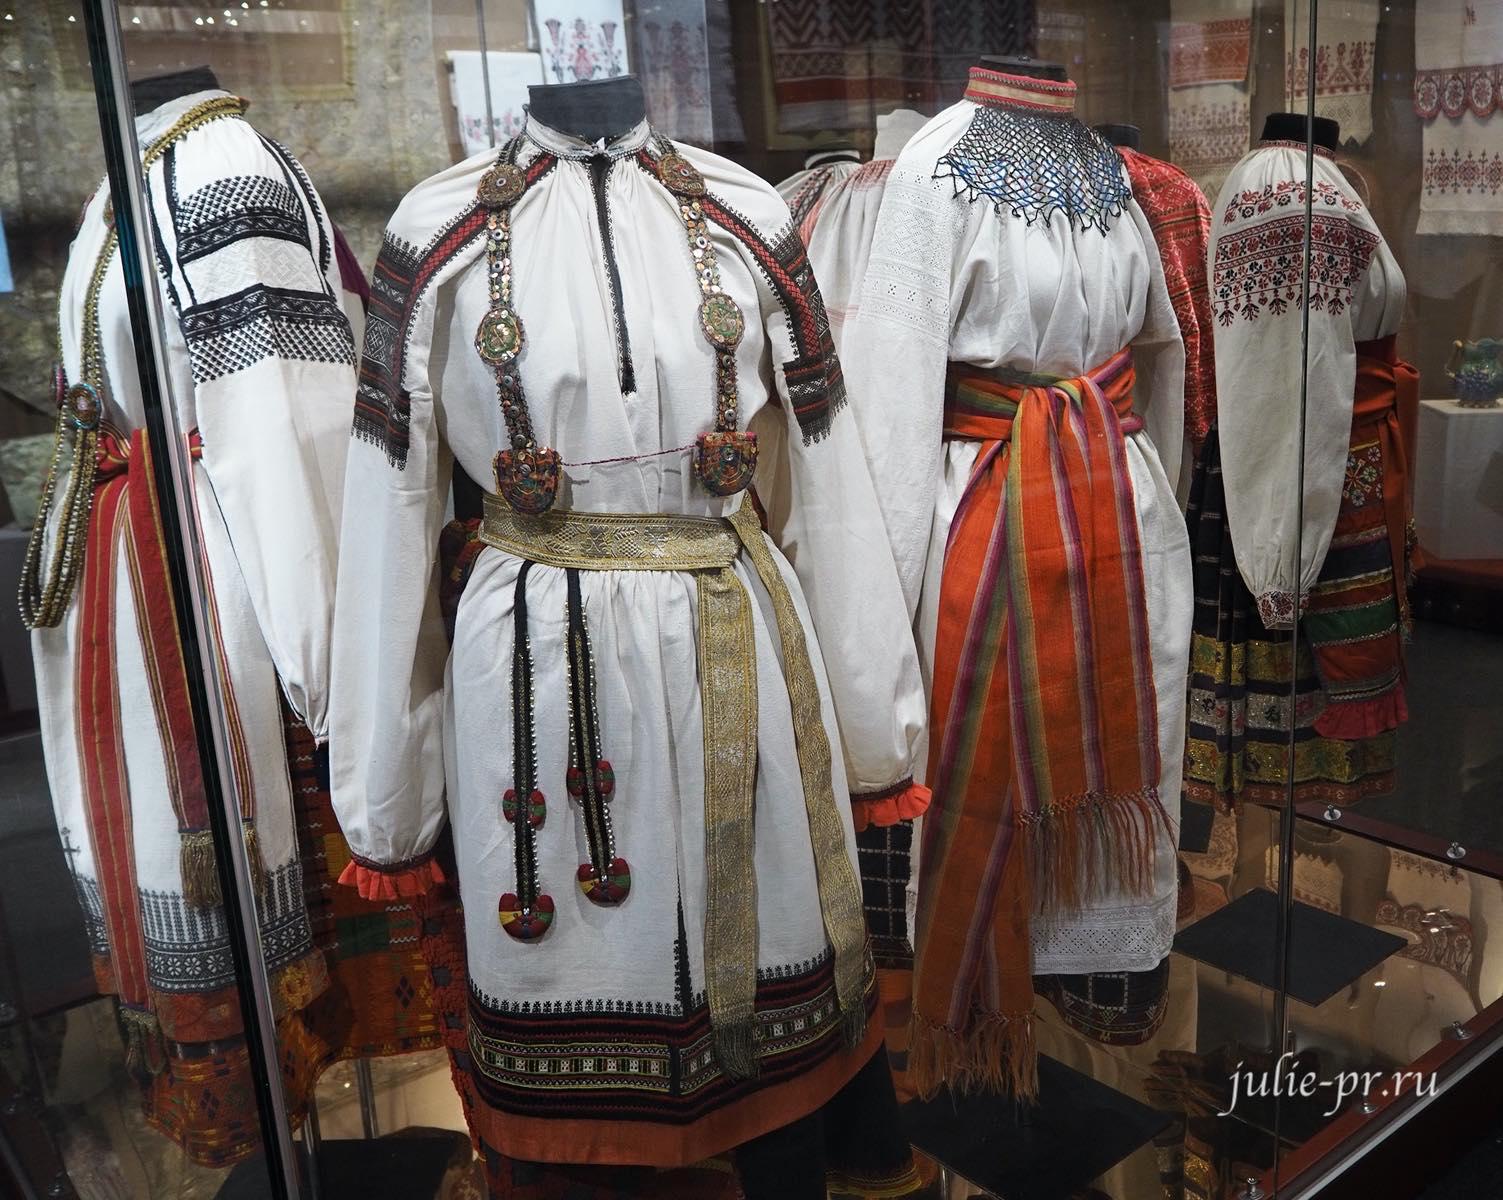 Женские народные костюмы, вышивка